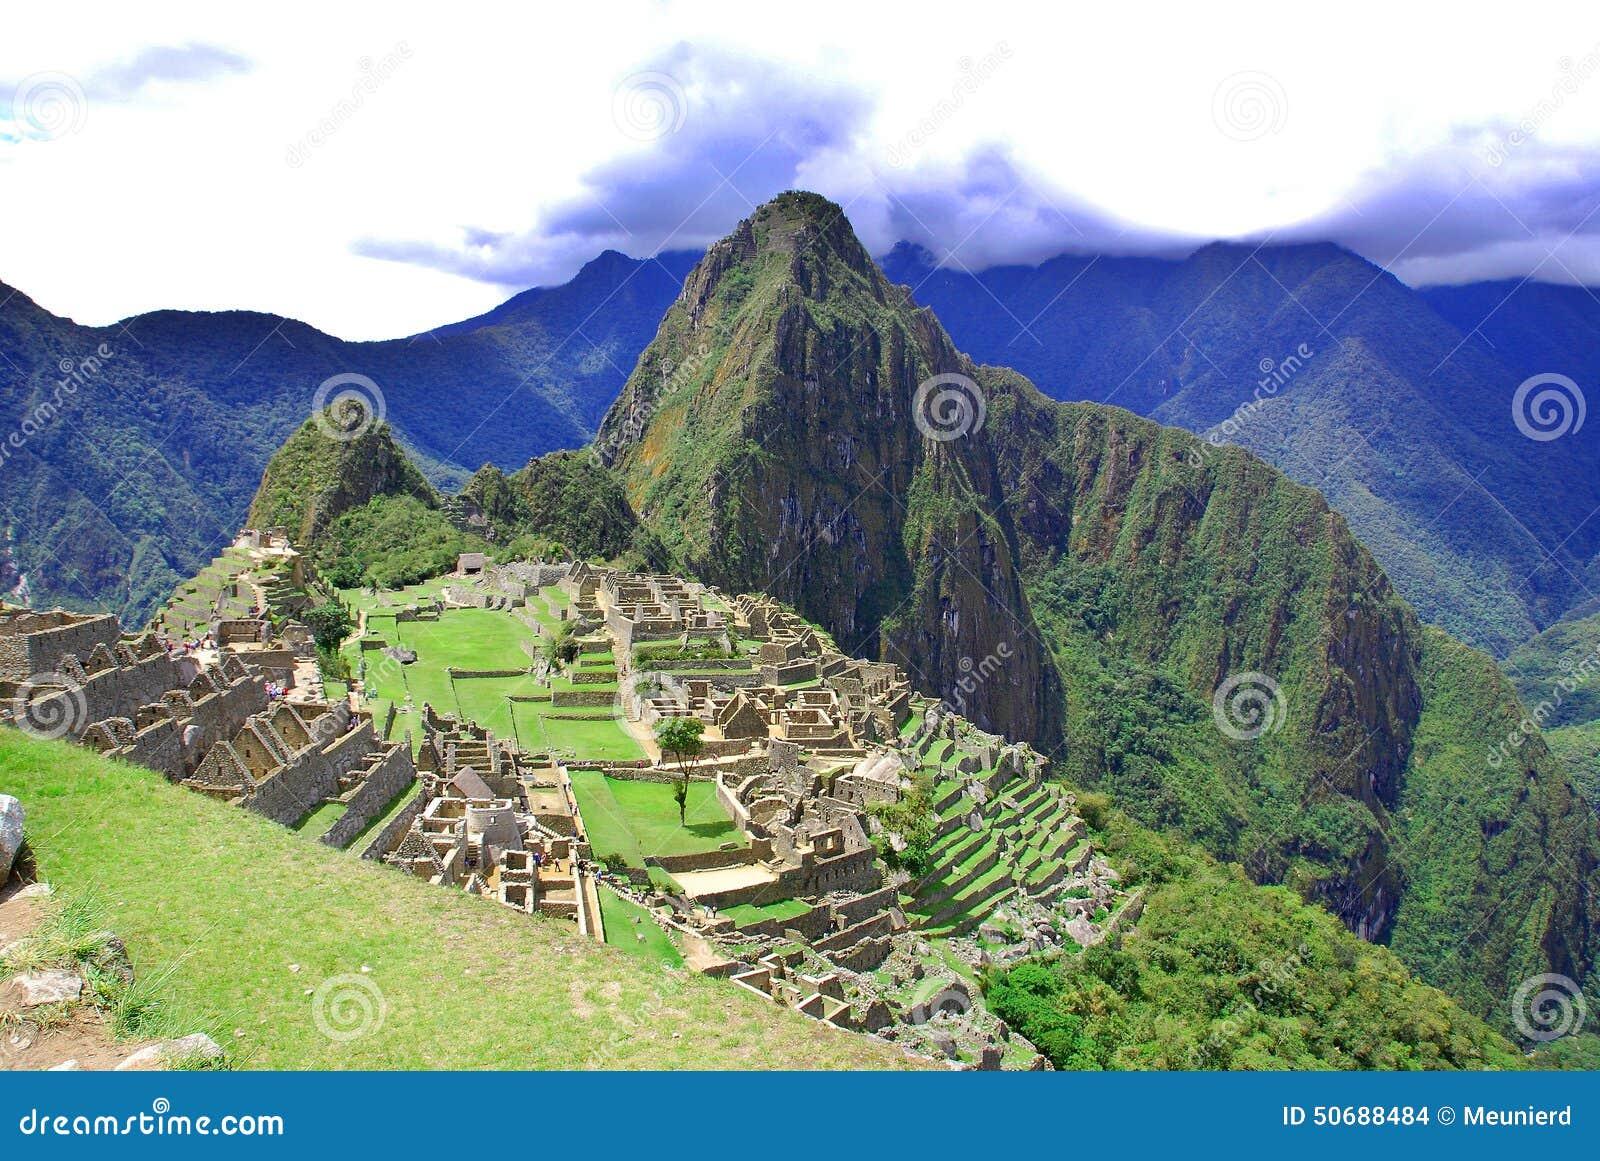 Download Machu Picchu 库存照片. 图片 包括有 人员, 挑库, 建筑, 利息, 金字塔, 末端, 亚马逊 - 50688484